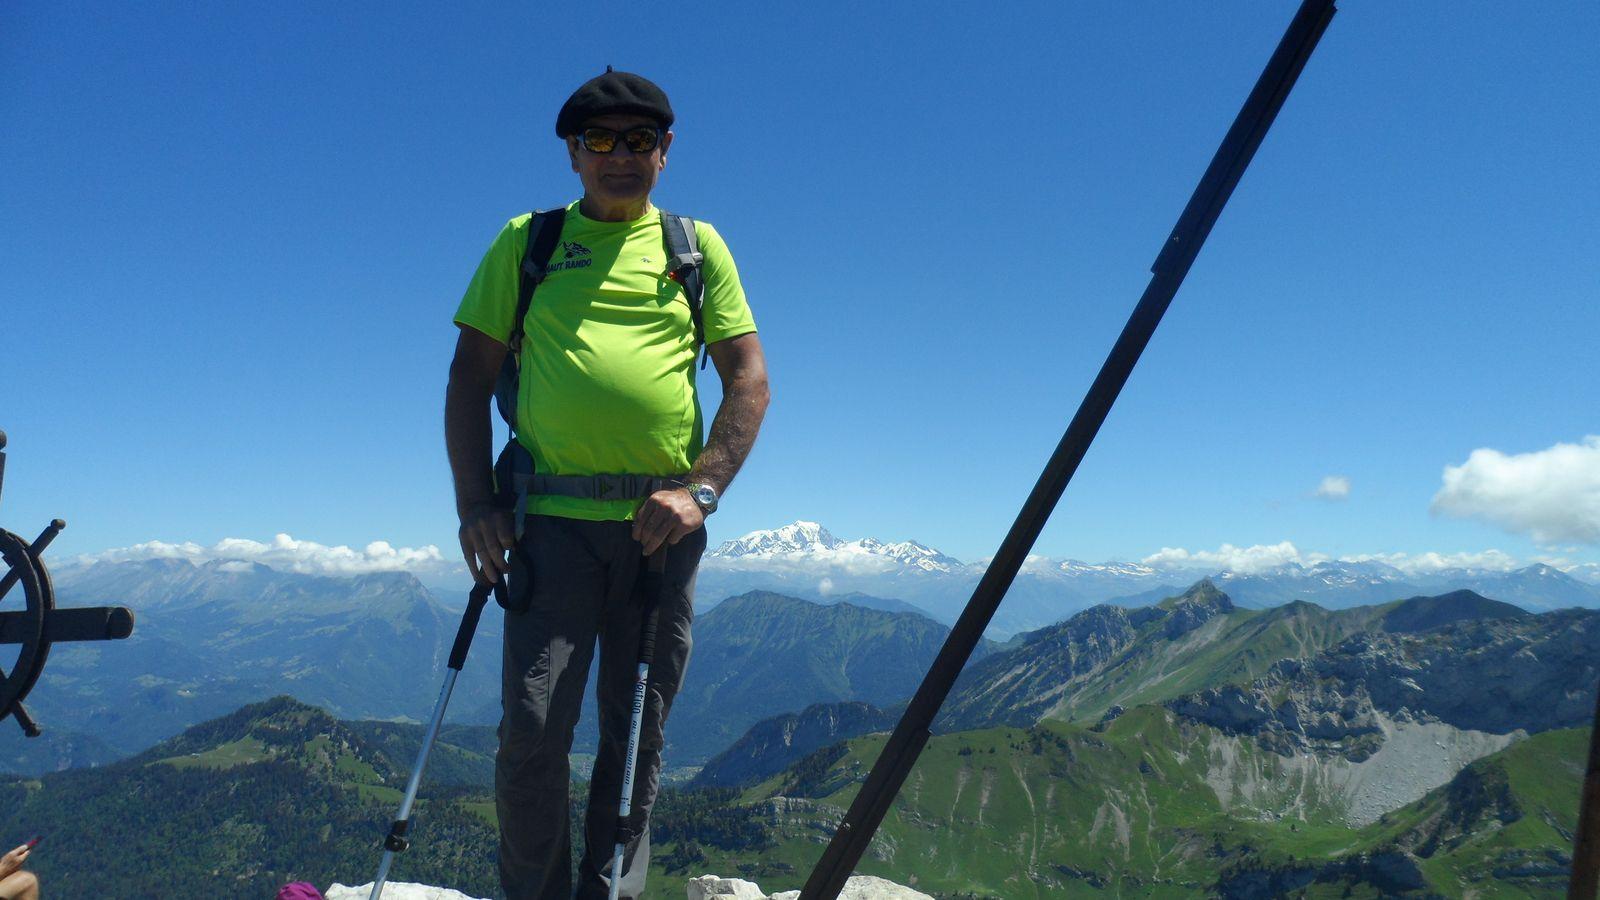 Bravo Alain et merci pour cette belle randonnée !